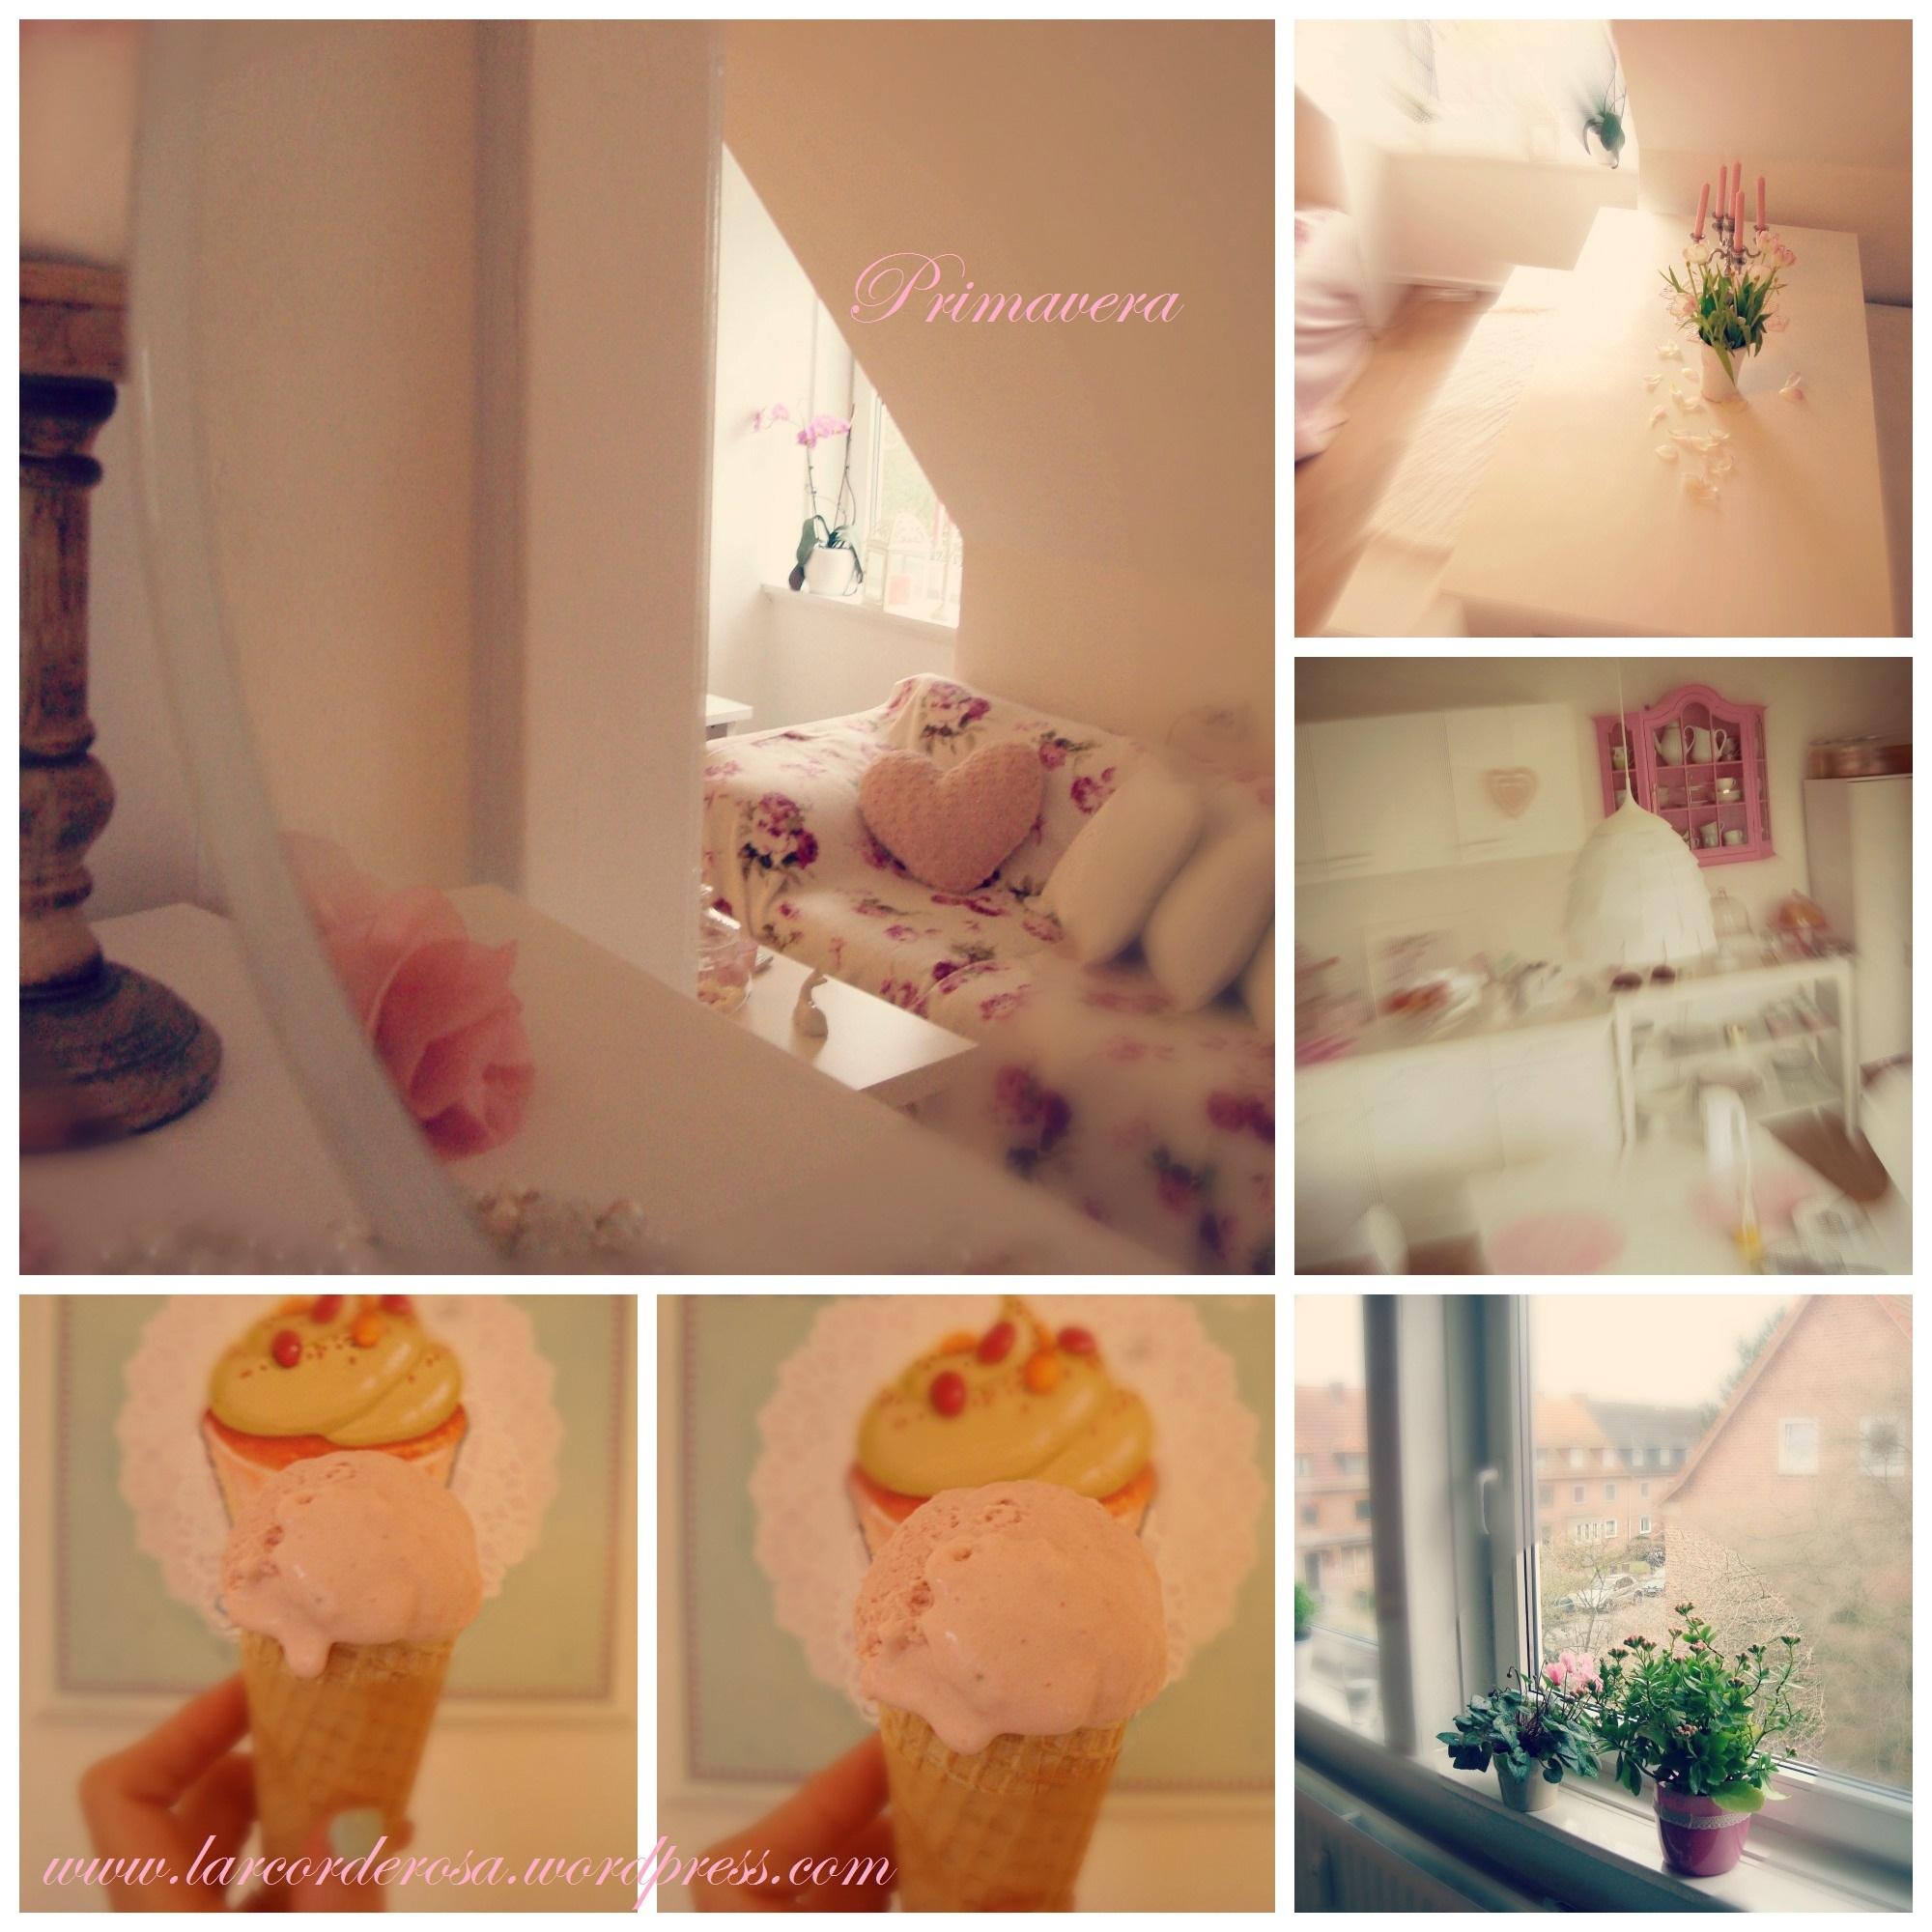 Cantinho e sorvete caseiro de morango ♥